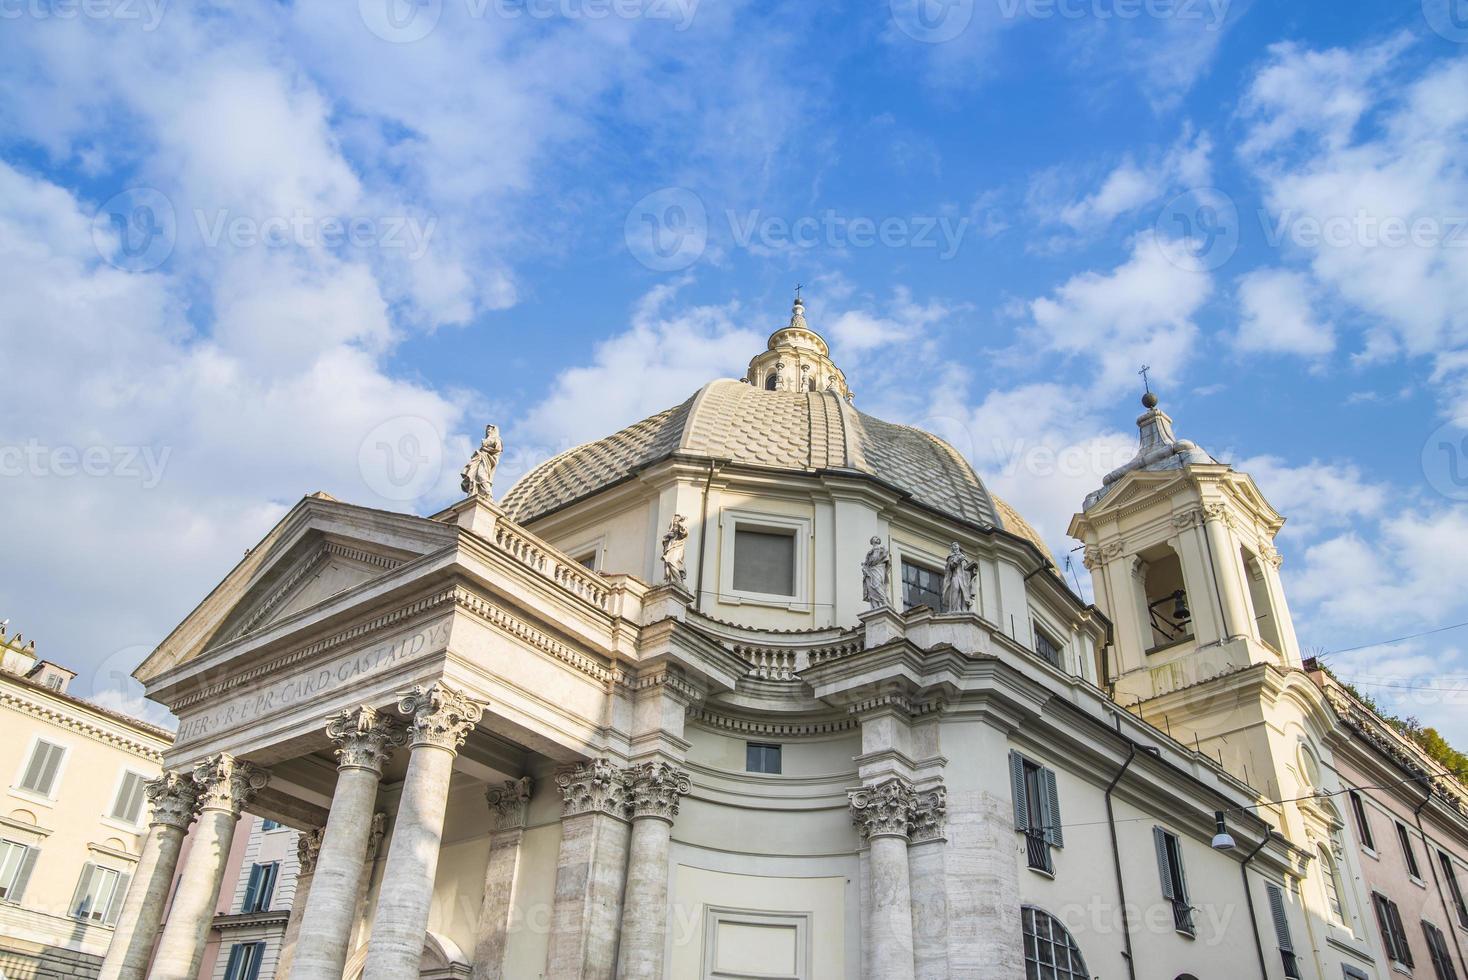 Facade of Santa Maria dei Miracoli church photo